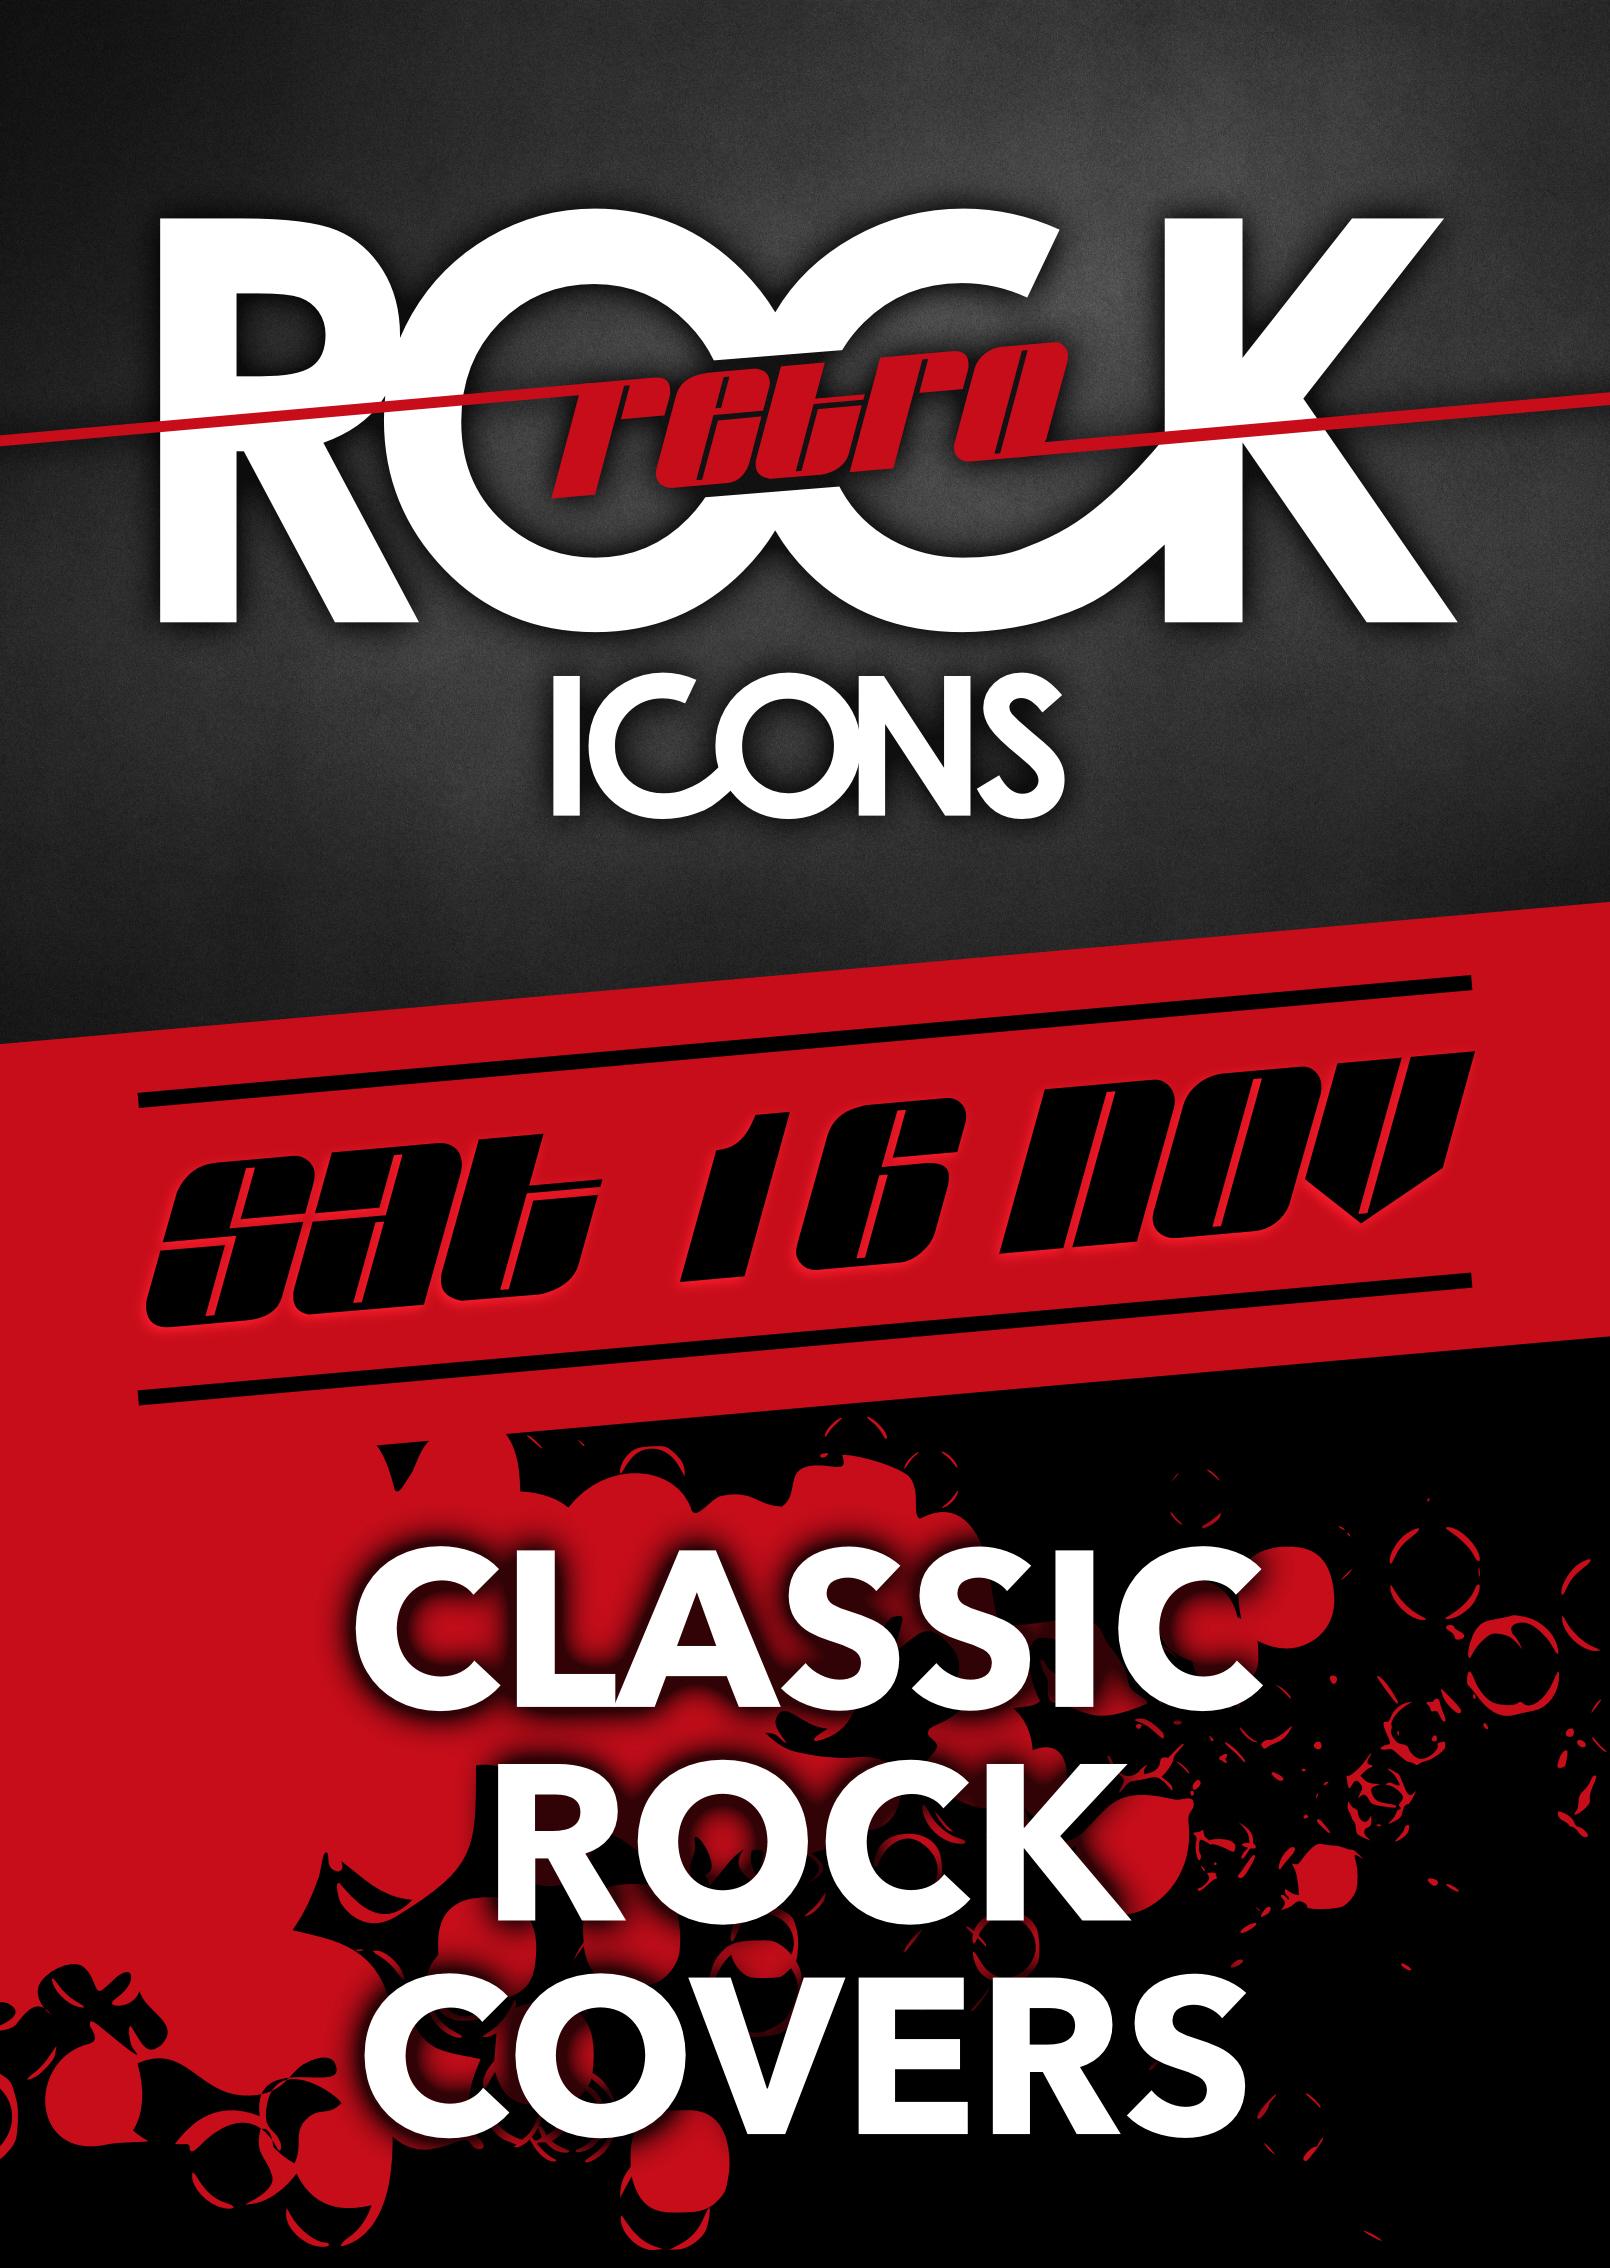 Retro Rock Icons